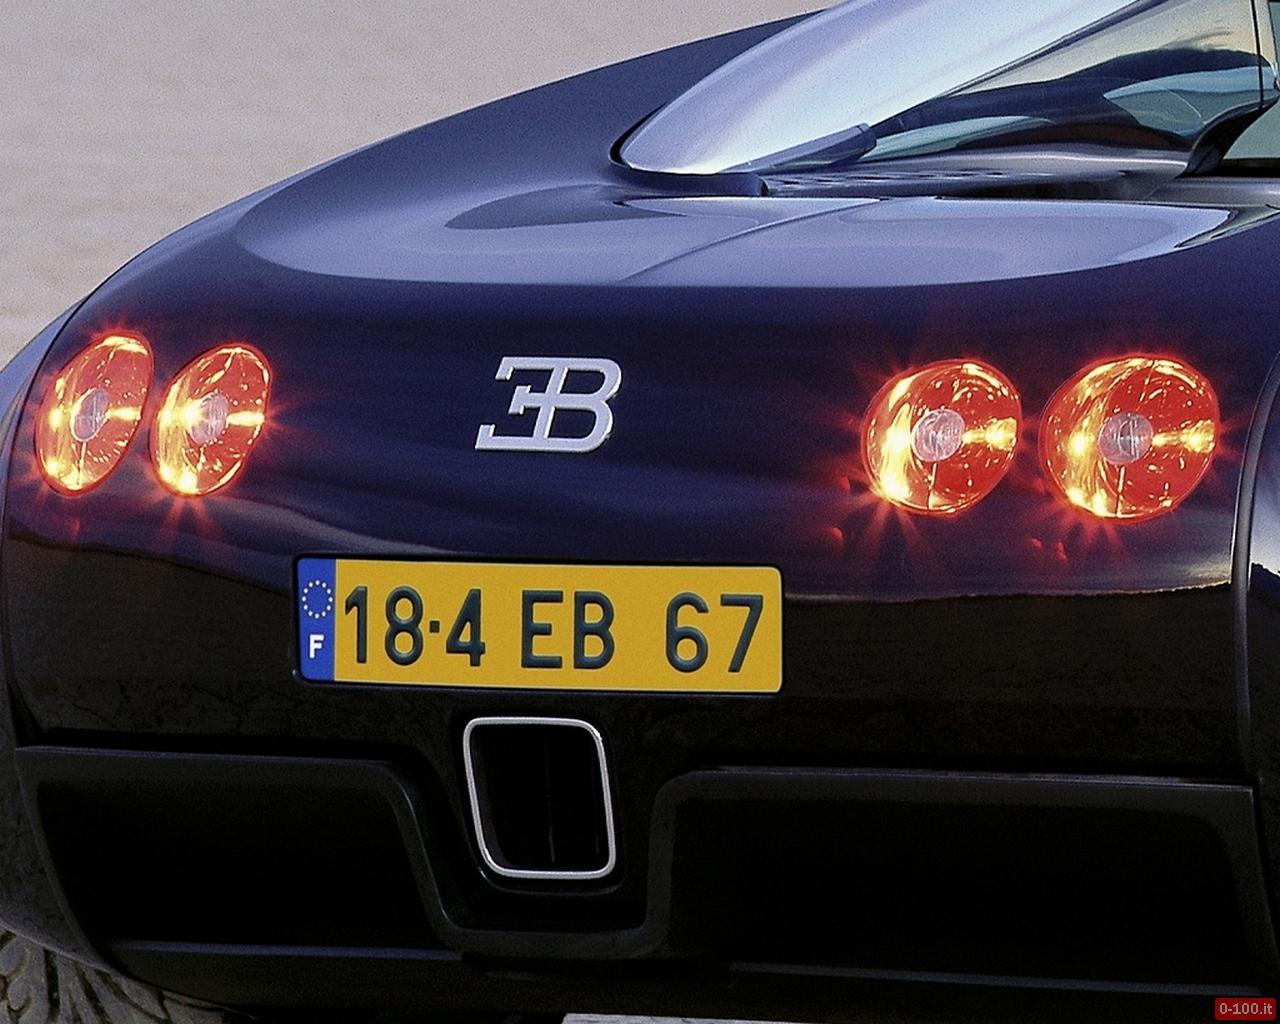 bugatti-eb-18-4-veyron-tokio-1999-retromobile-2014-0-100_8